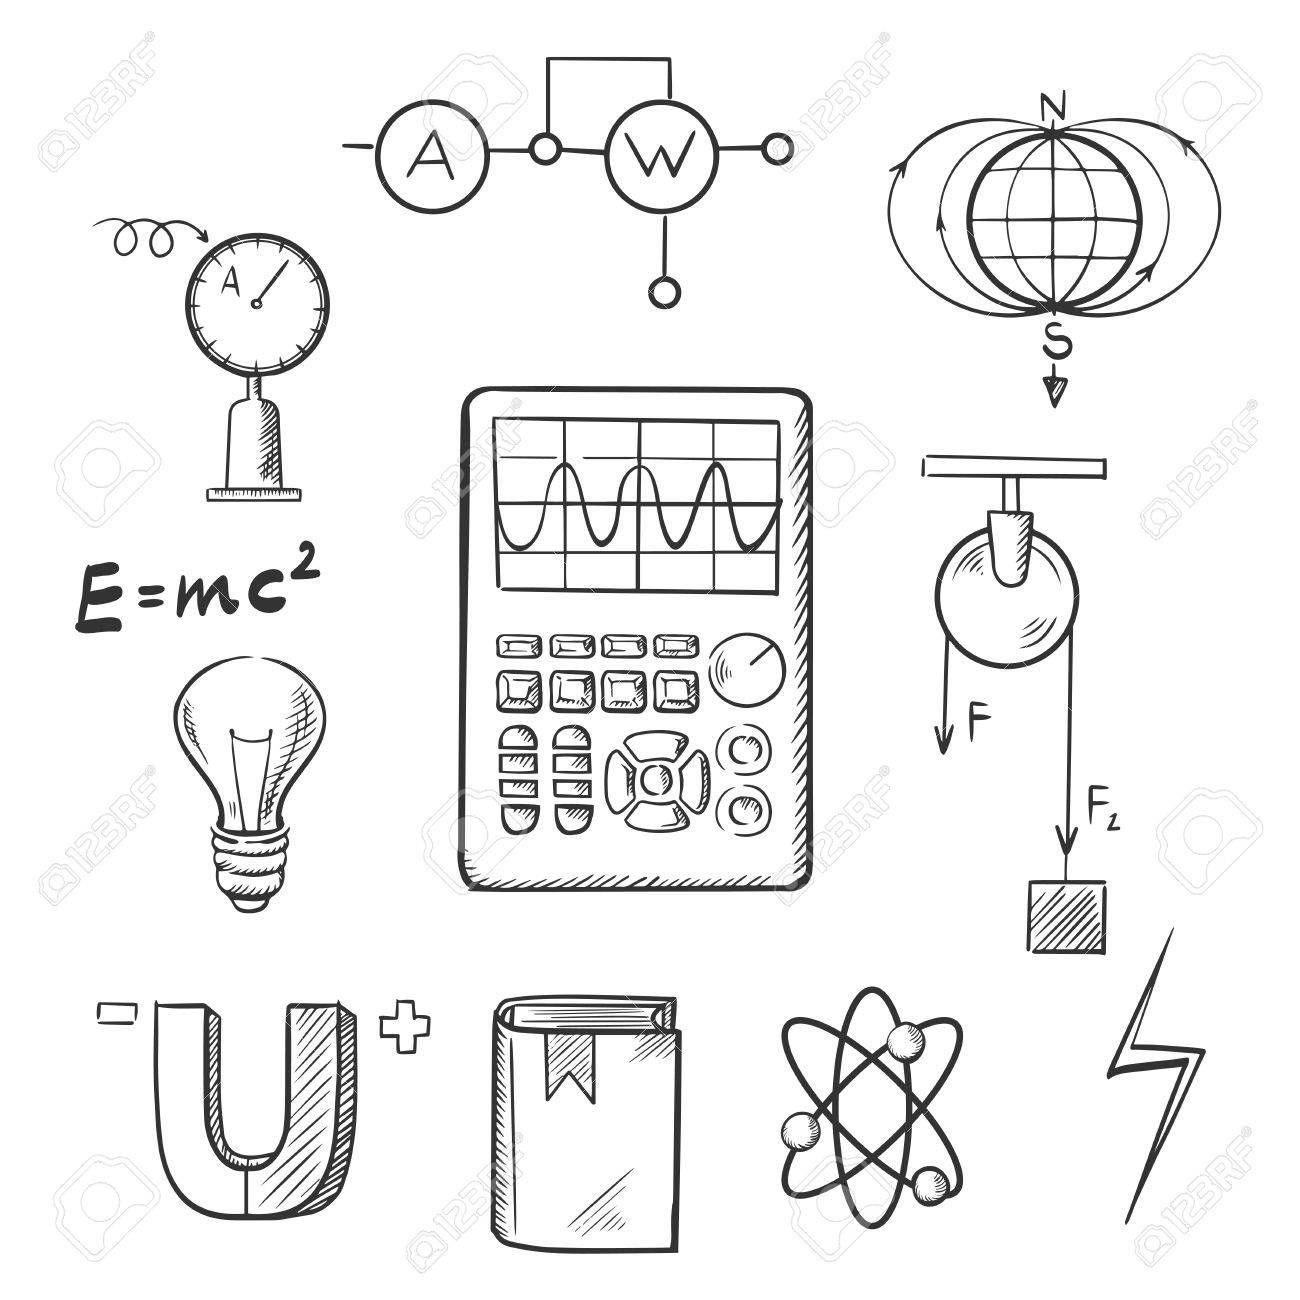 Iconos De Dibujo Ciencia Establecidos Con Los Simbolos De La Fisica Tales Como Iman Energia Electr Portadas De Fisica Portadas Para Fisica Imagenes De Fisica